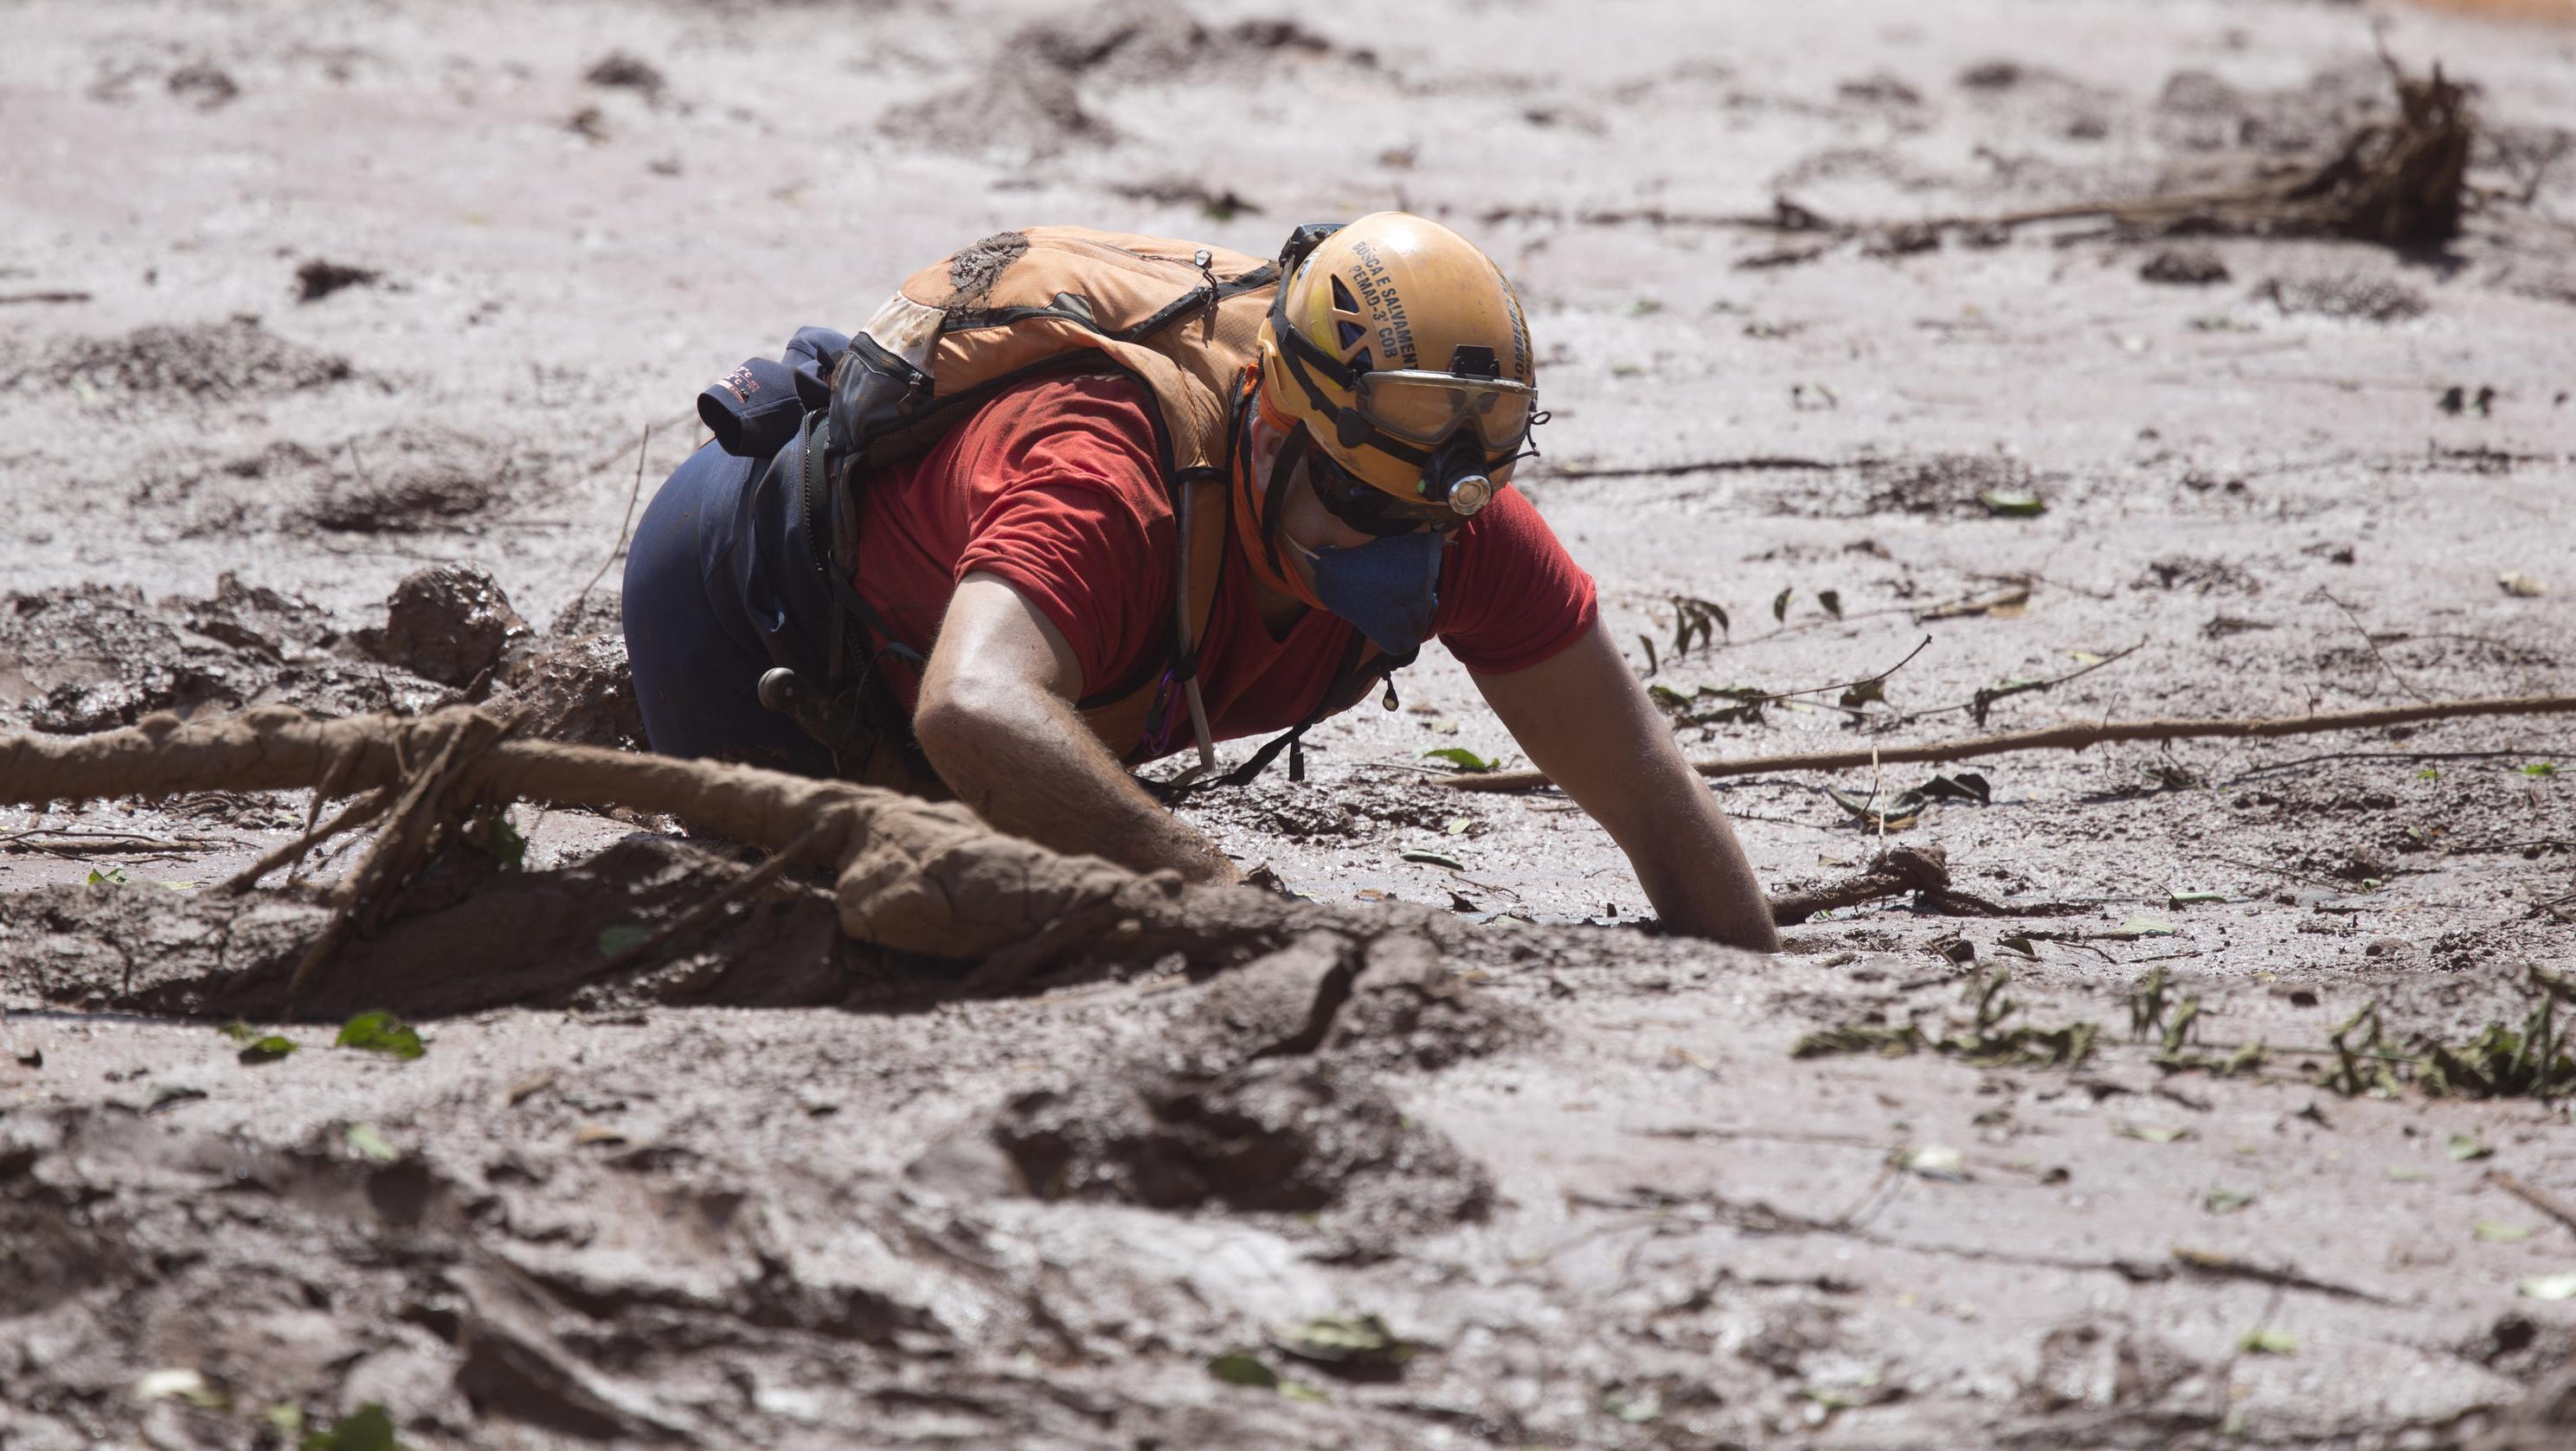 Brasilien, Brumadinho: EinRettungshelfer arbeitet im Schlamm auf der Suche nach möglichen Opfer des Dammbruchs.